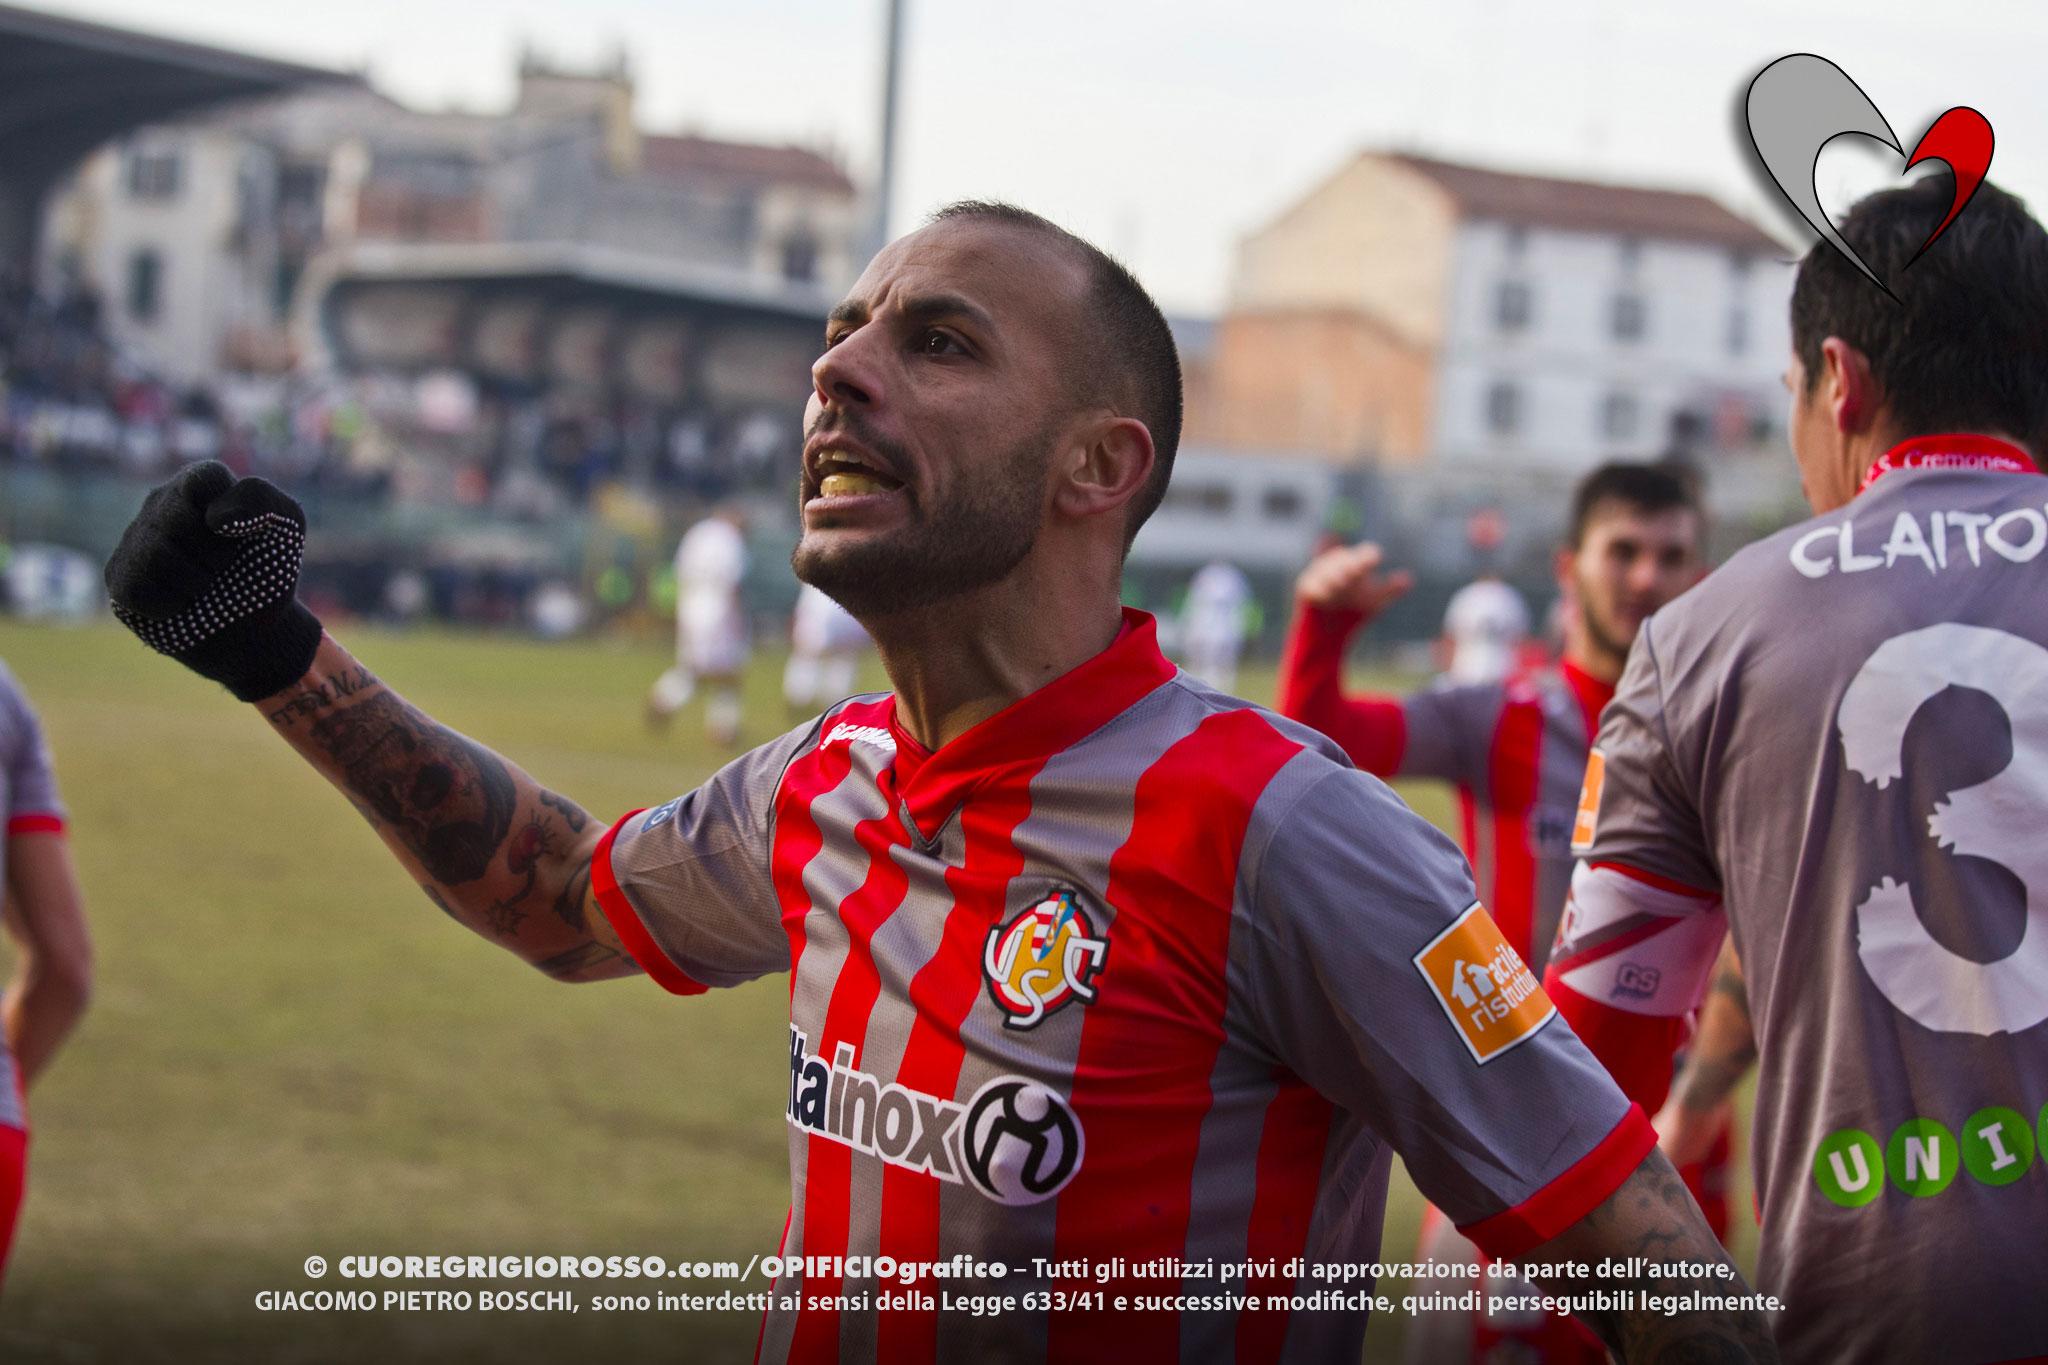 UFFICIALE: Soddimo è un nuovo giocatore del Pisa